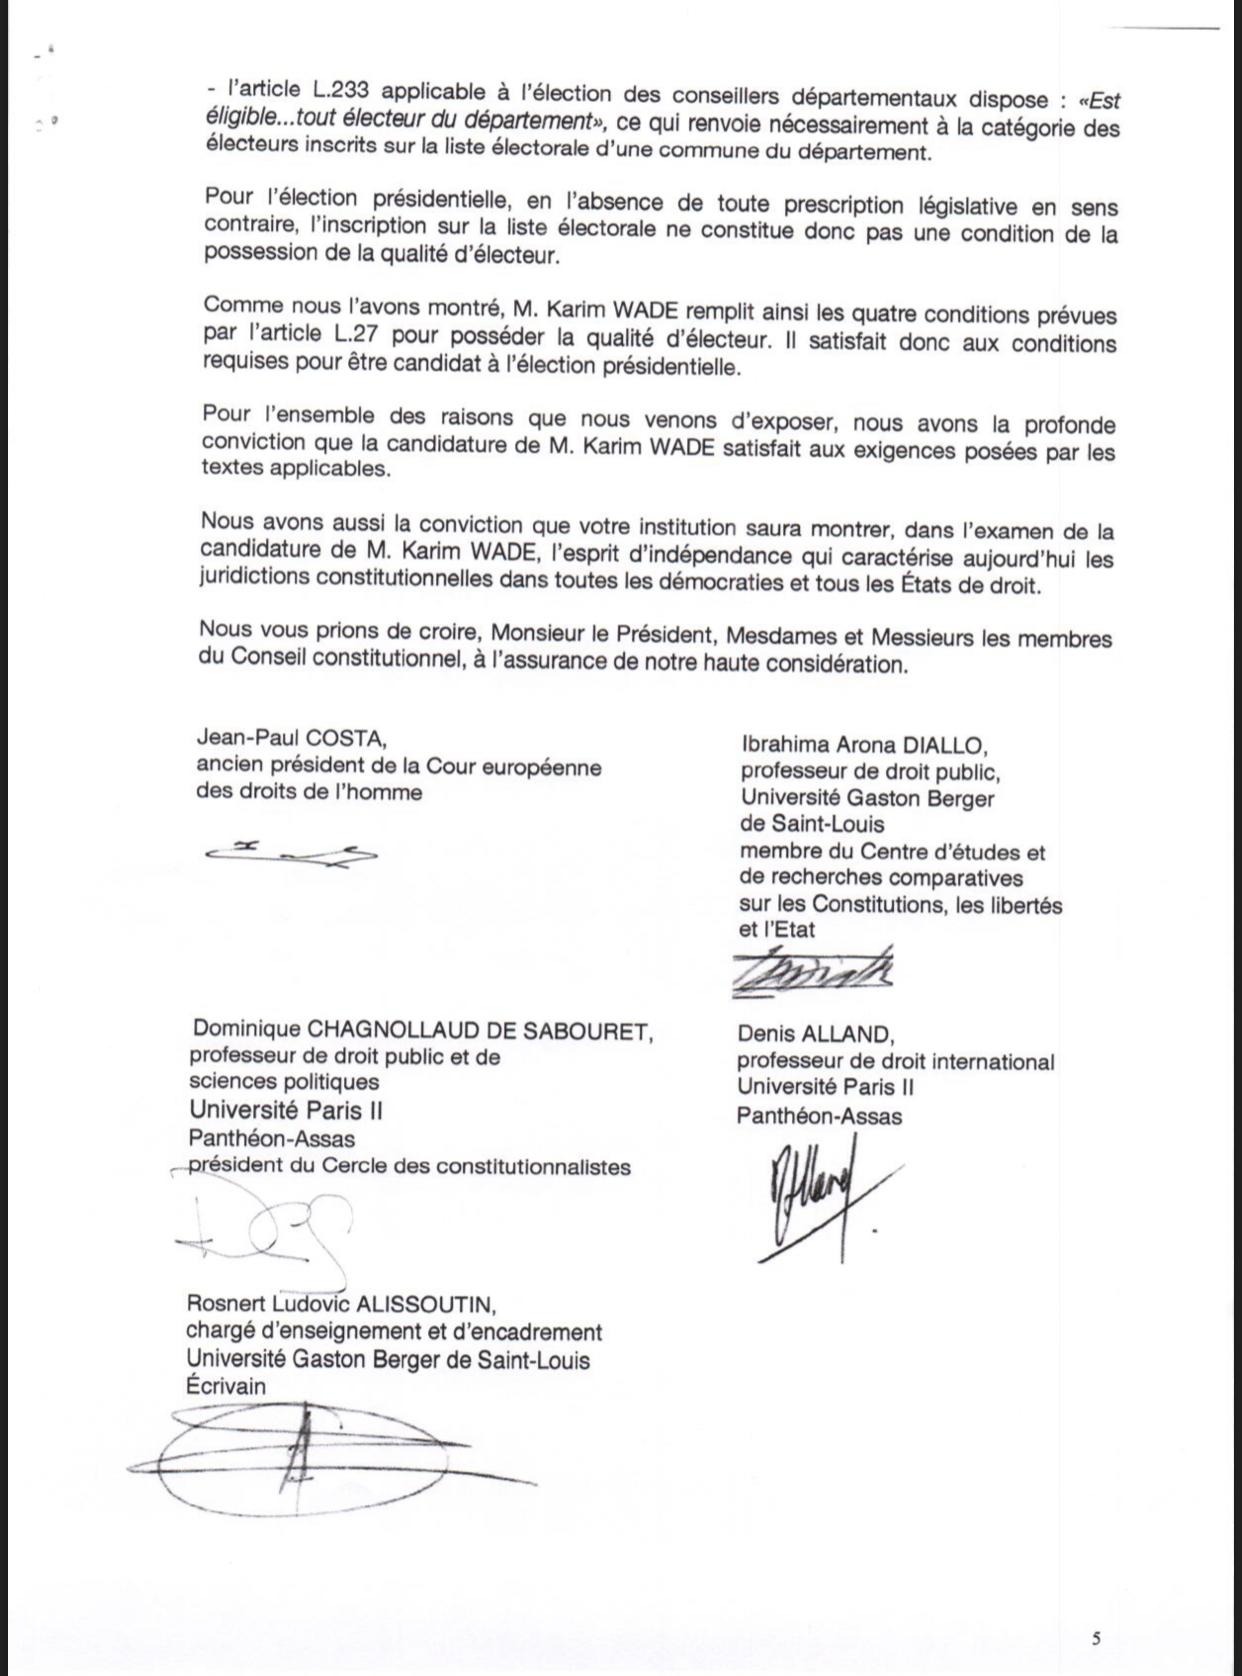 Des spécialistes nationaux et internationaux du droit écrivent au Conseil constitutionnel du Sénégal sur la candidature de Karim Wade (DOCUMENT)